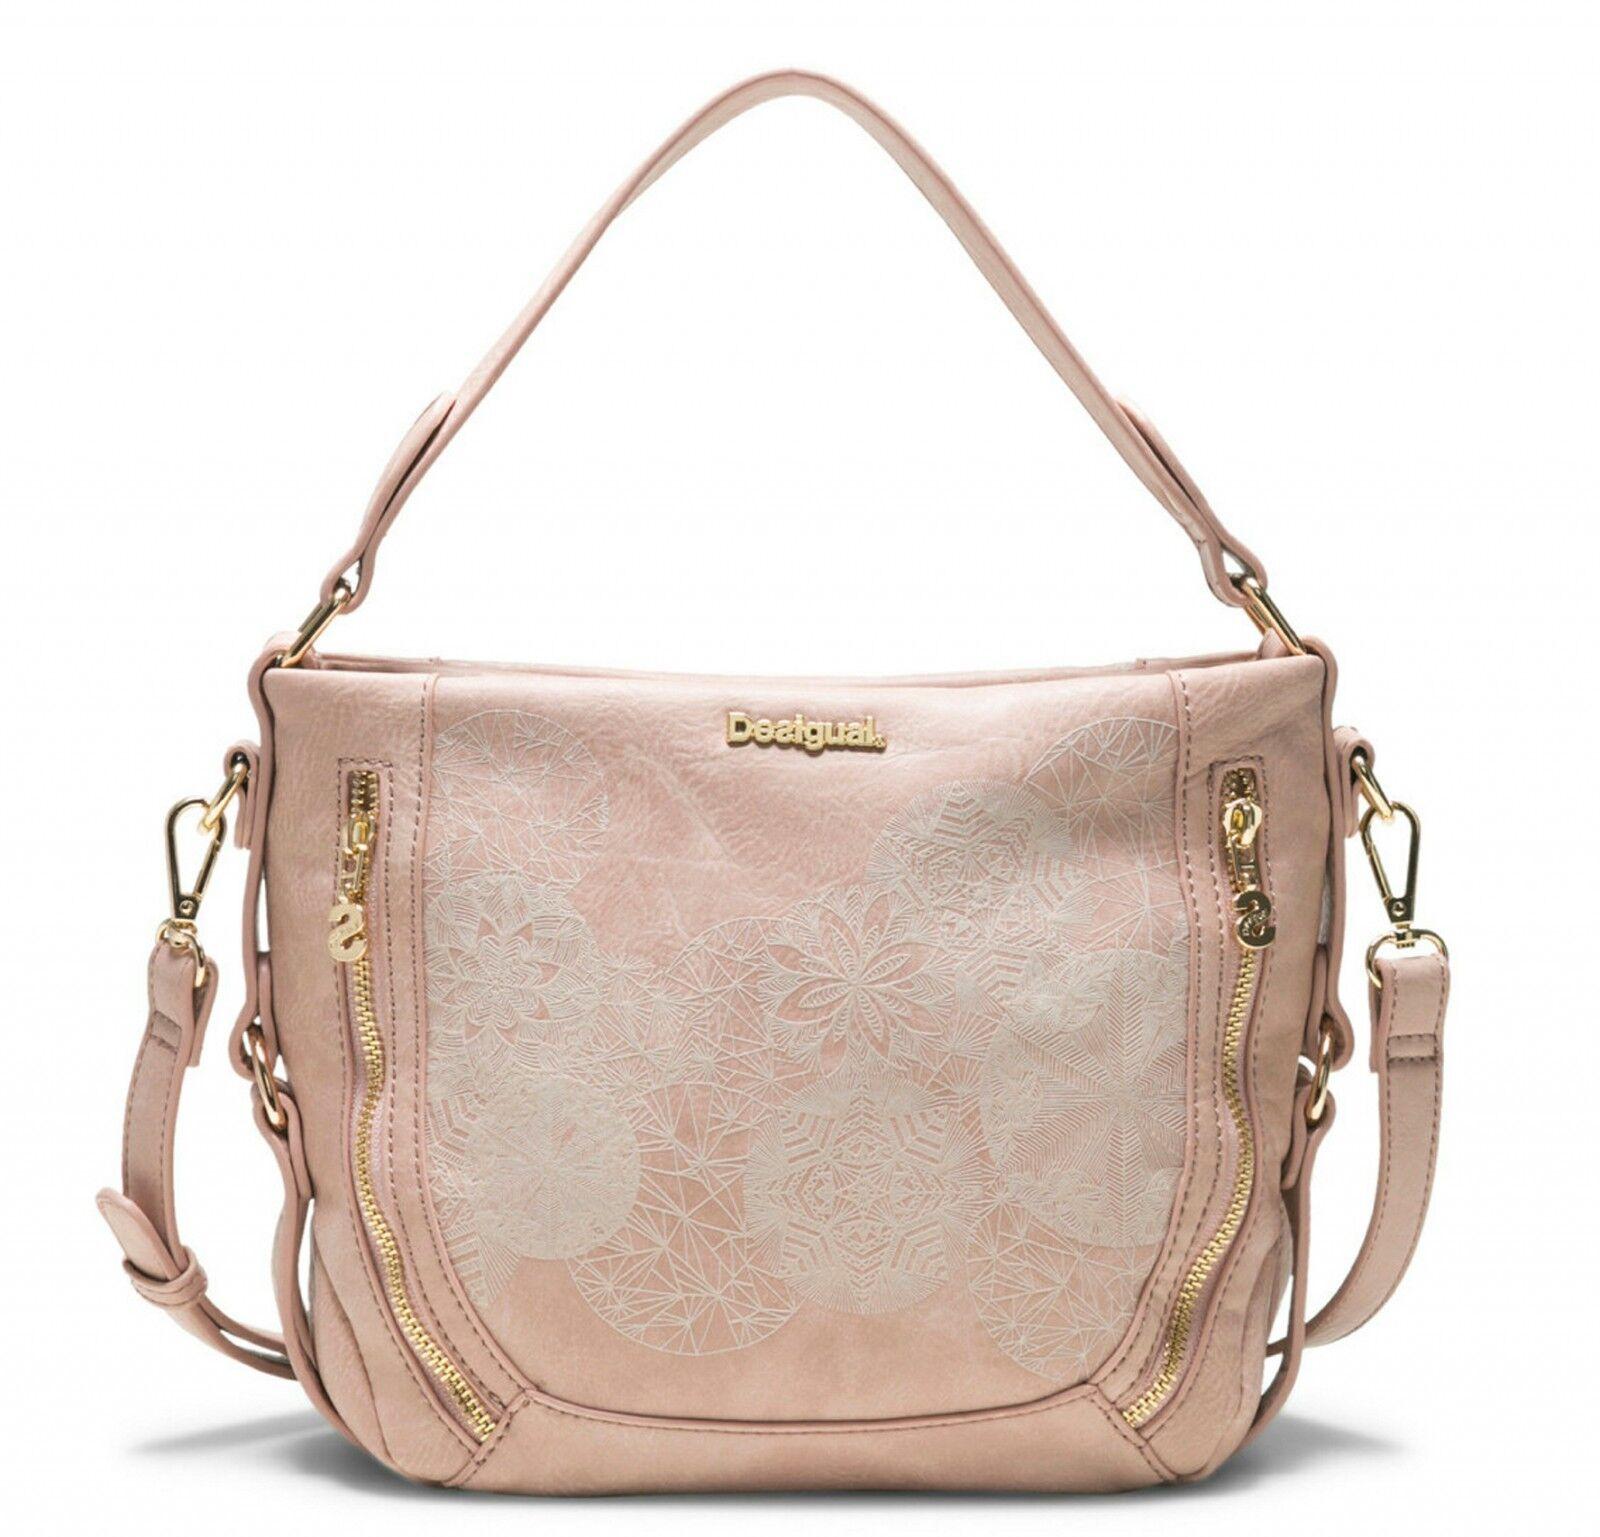 Desigual Zoe Marteta Mini Hand Bag Handtasche Tasche Salmon Palido Rosa Neu